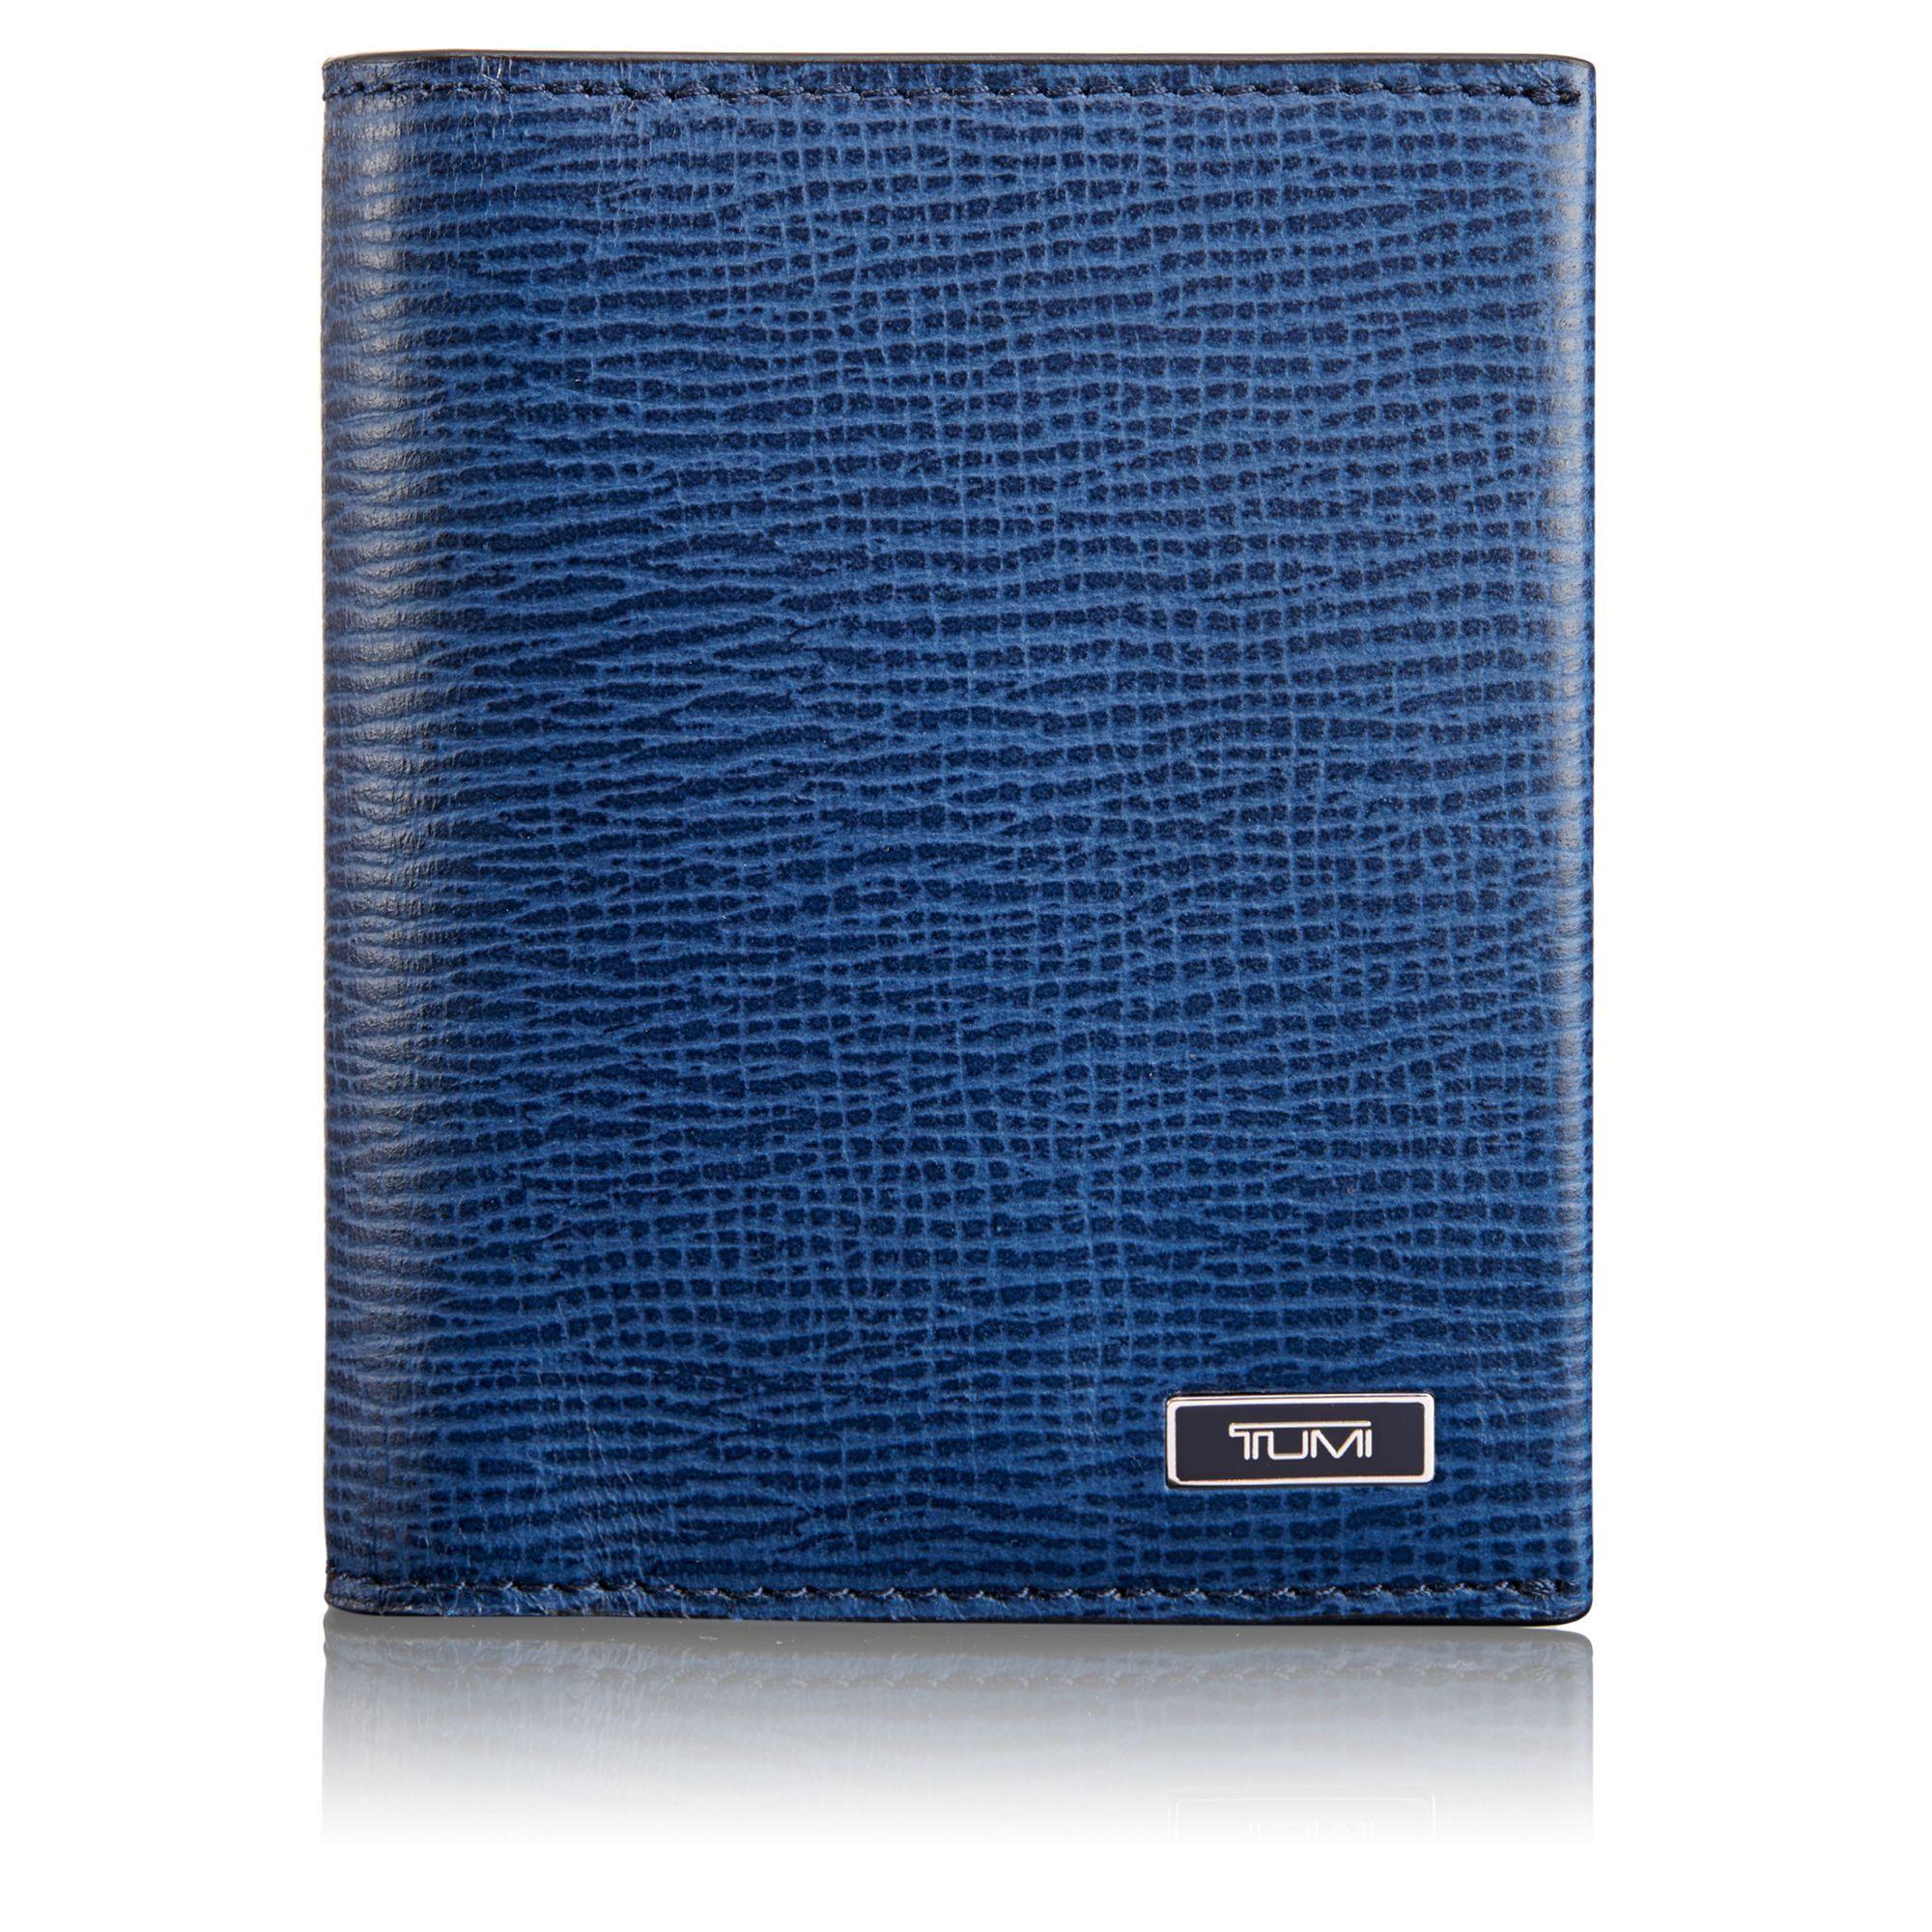 TUMI TUMI ID Lock™ Gusseted Card Case - Cobalt. #tumi # | Tumi Men ...